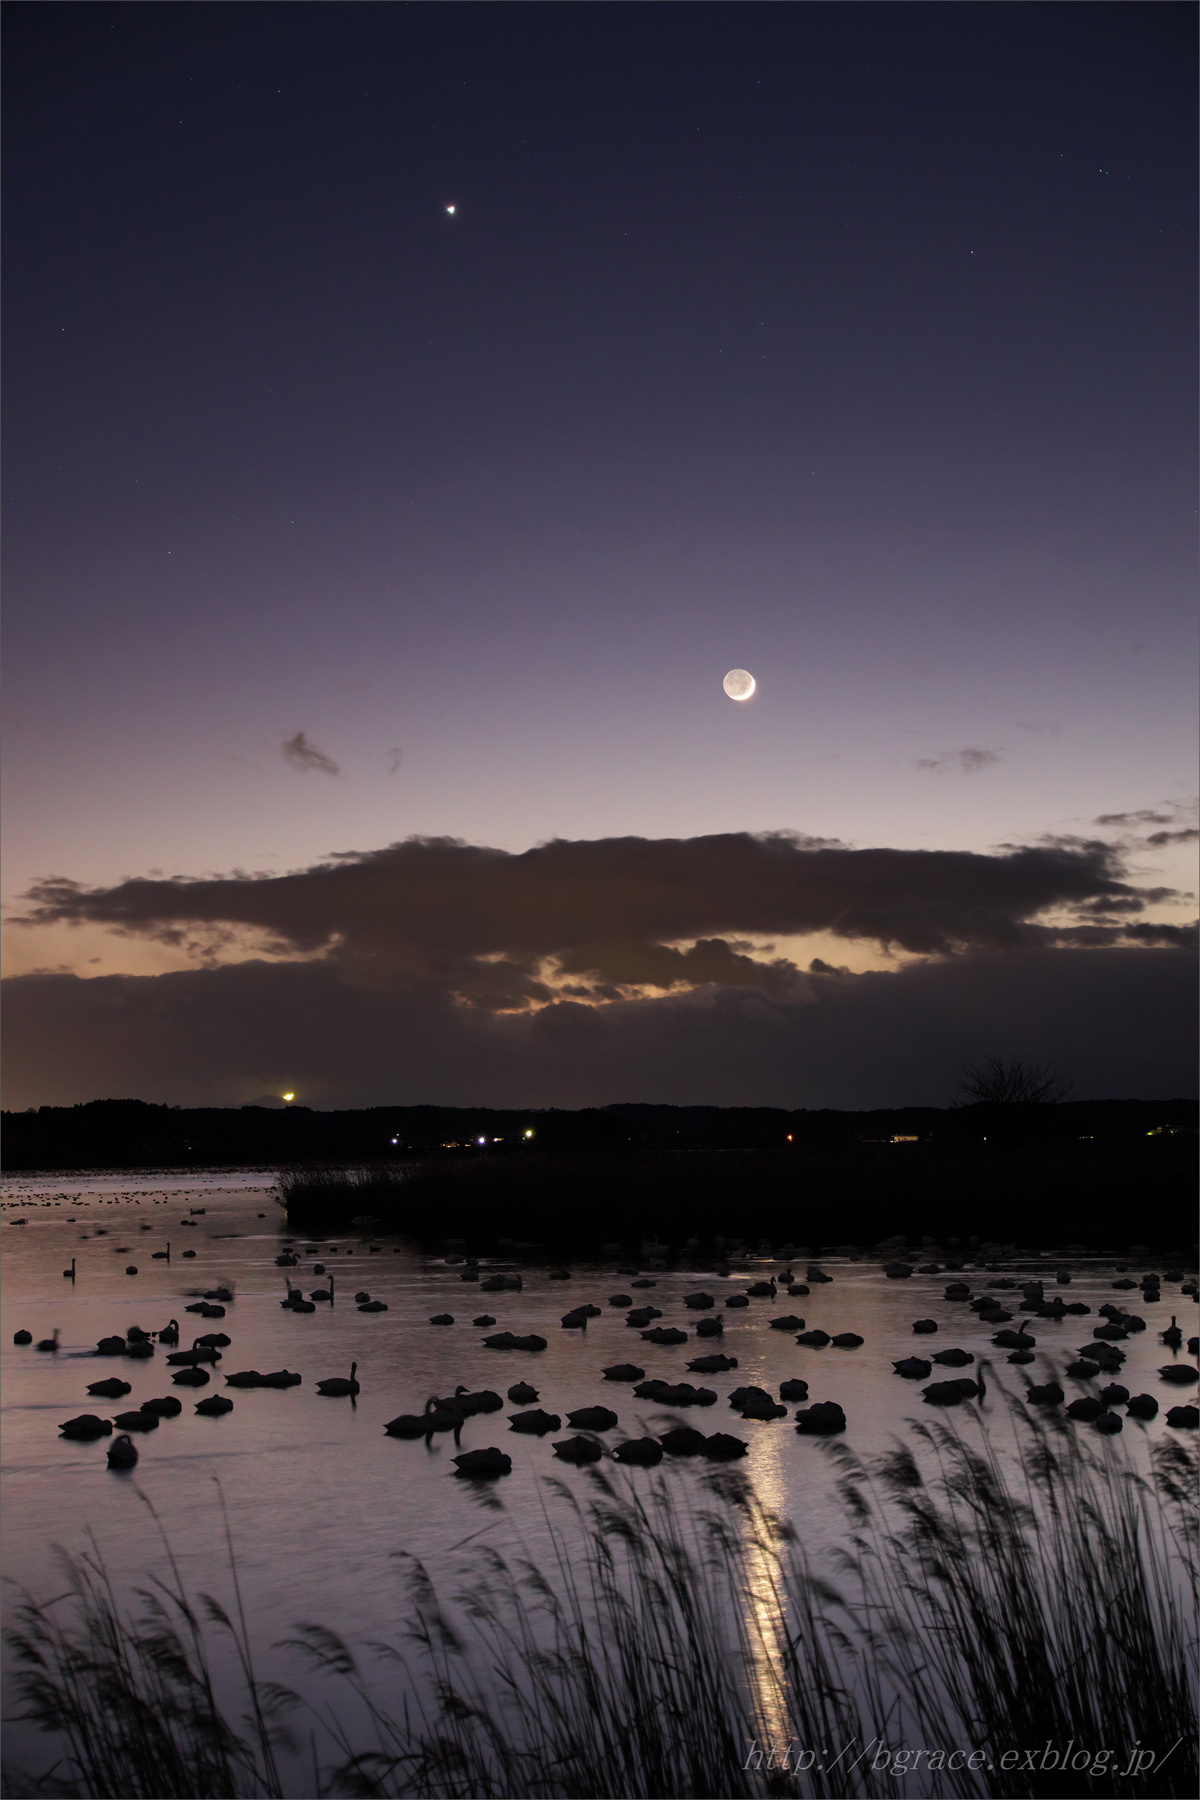 宵の明星 と 細い月 伊豆沼_b0191074_20155865.jpg